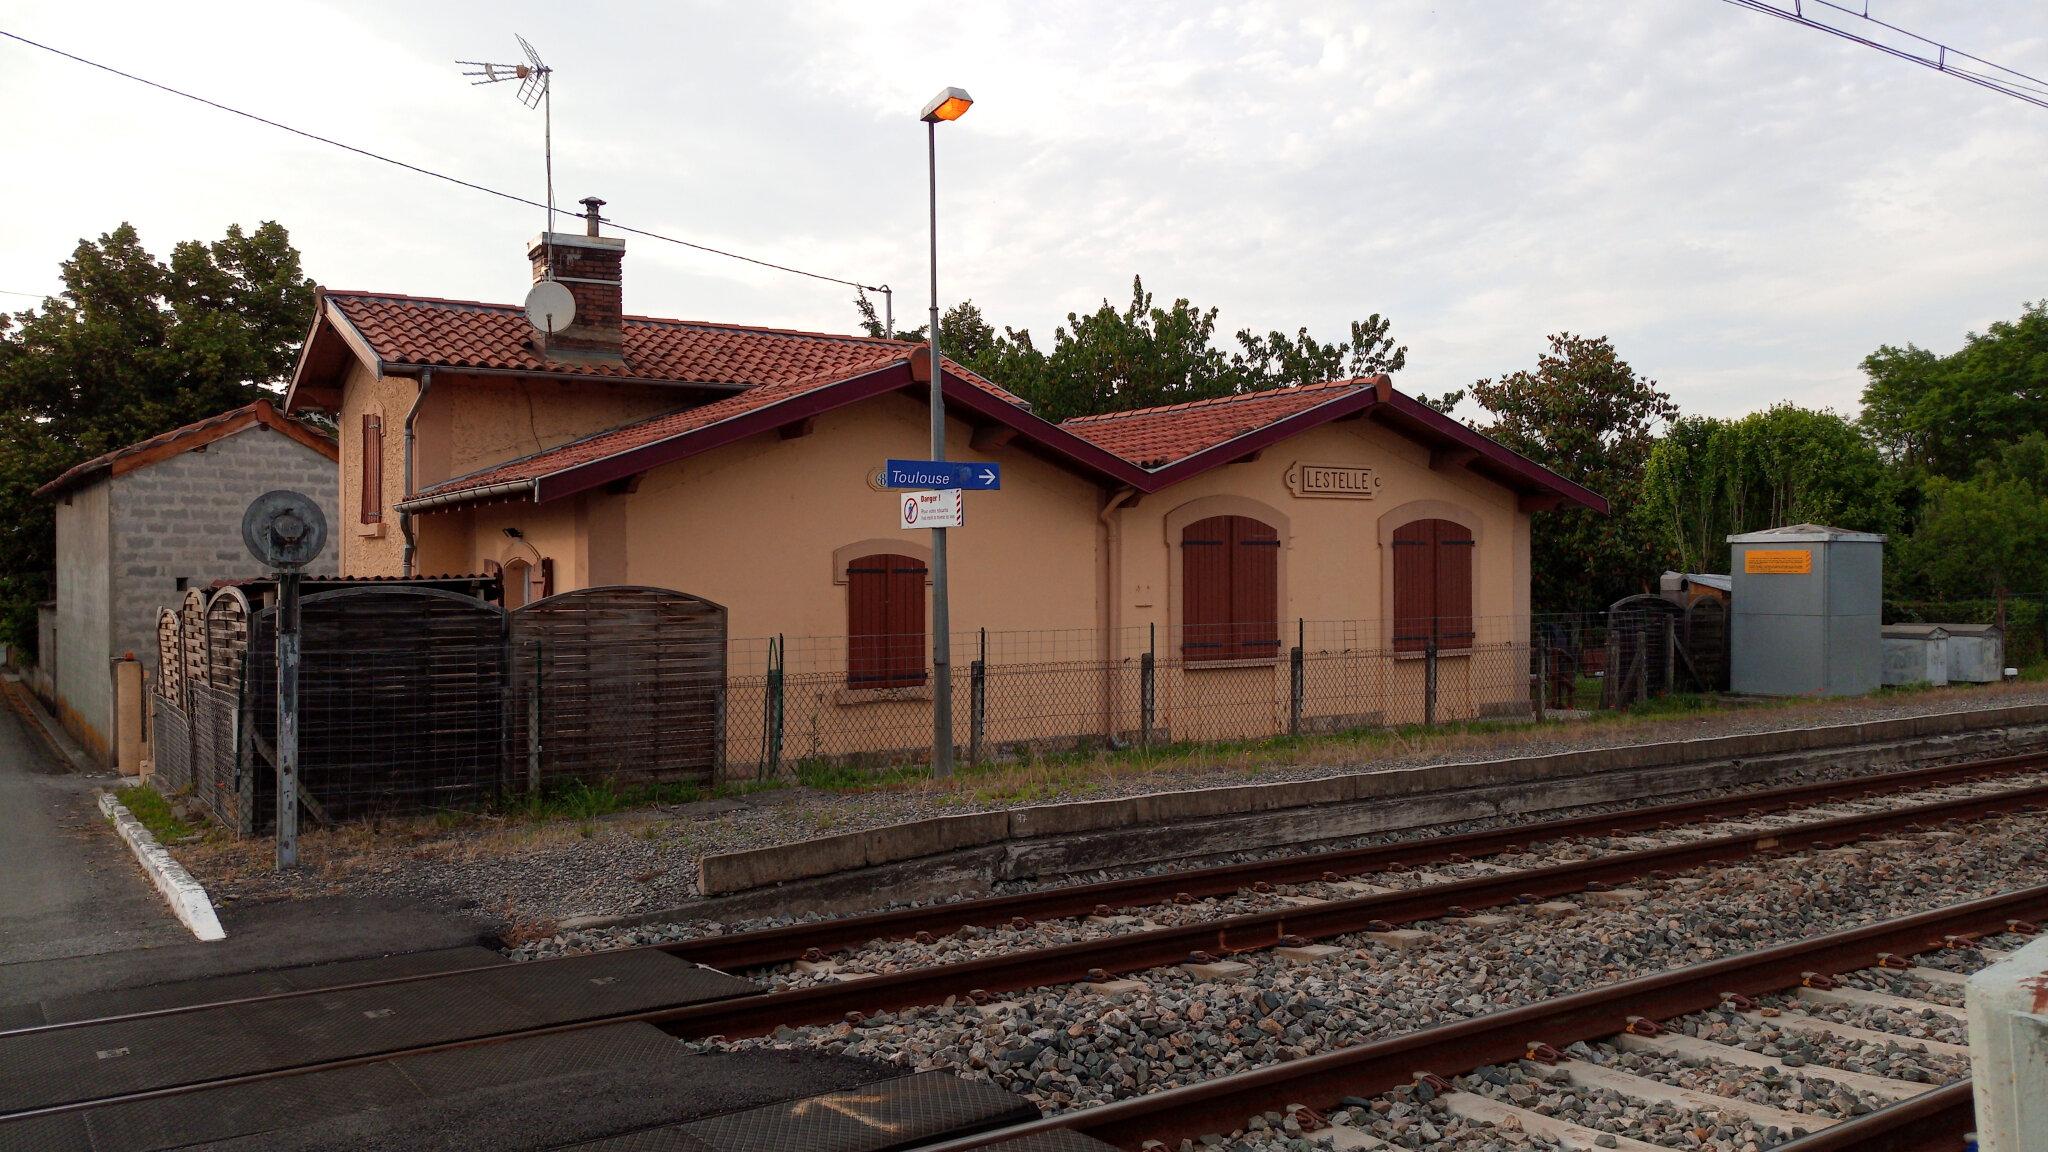 Lestelle (Haute-Garonne - 31)